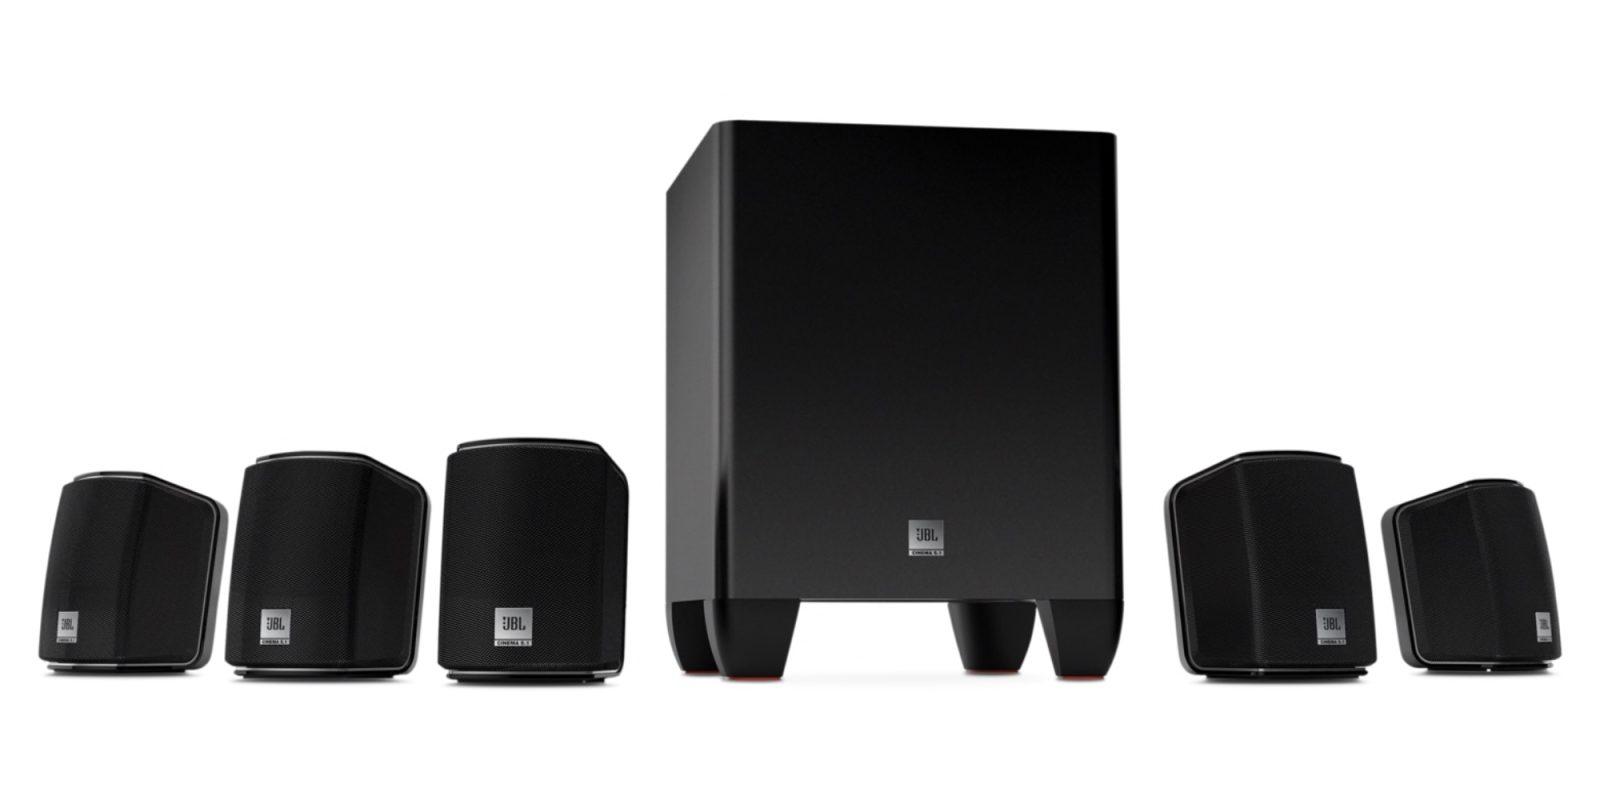 Enjoy 5.1-channel sound with JBL's $150 Cinema 510 Speaker System ($100 off)